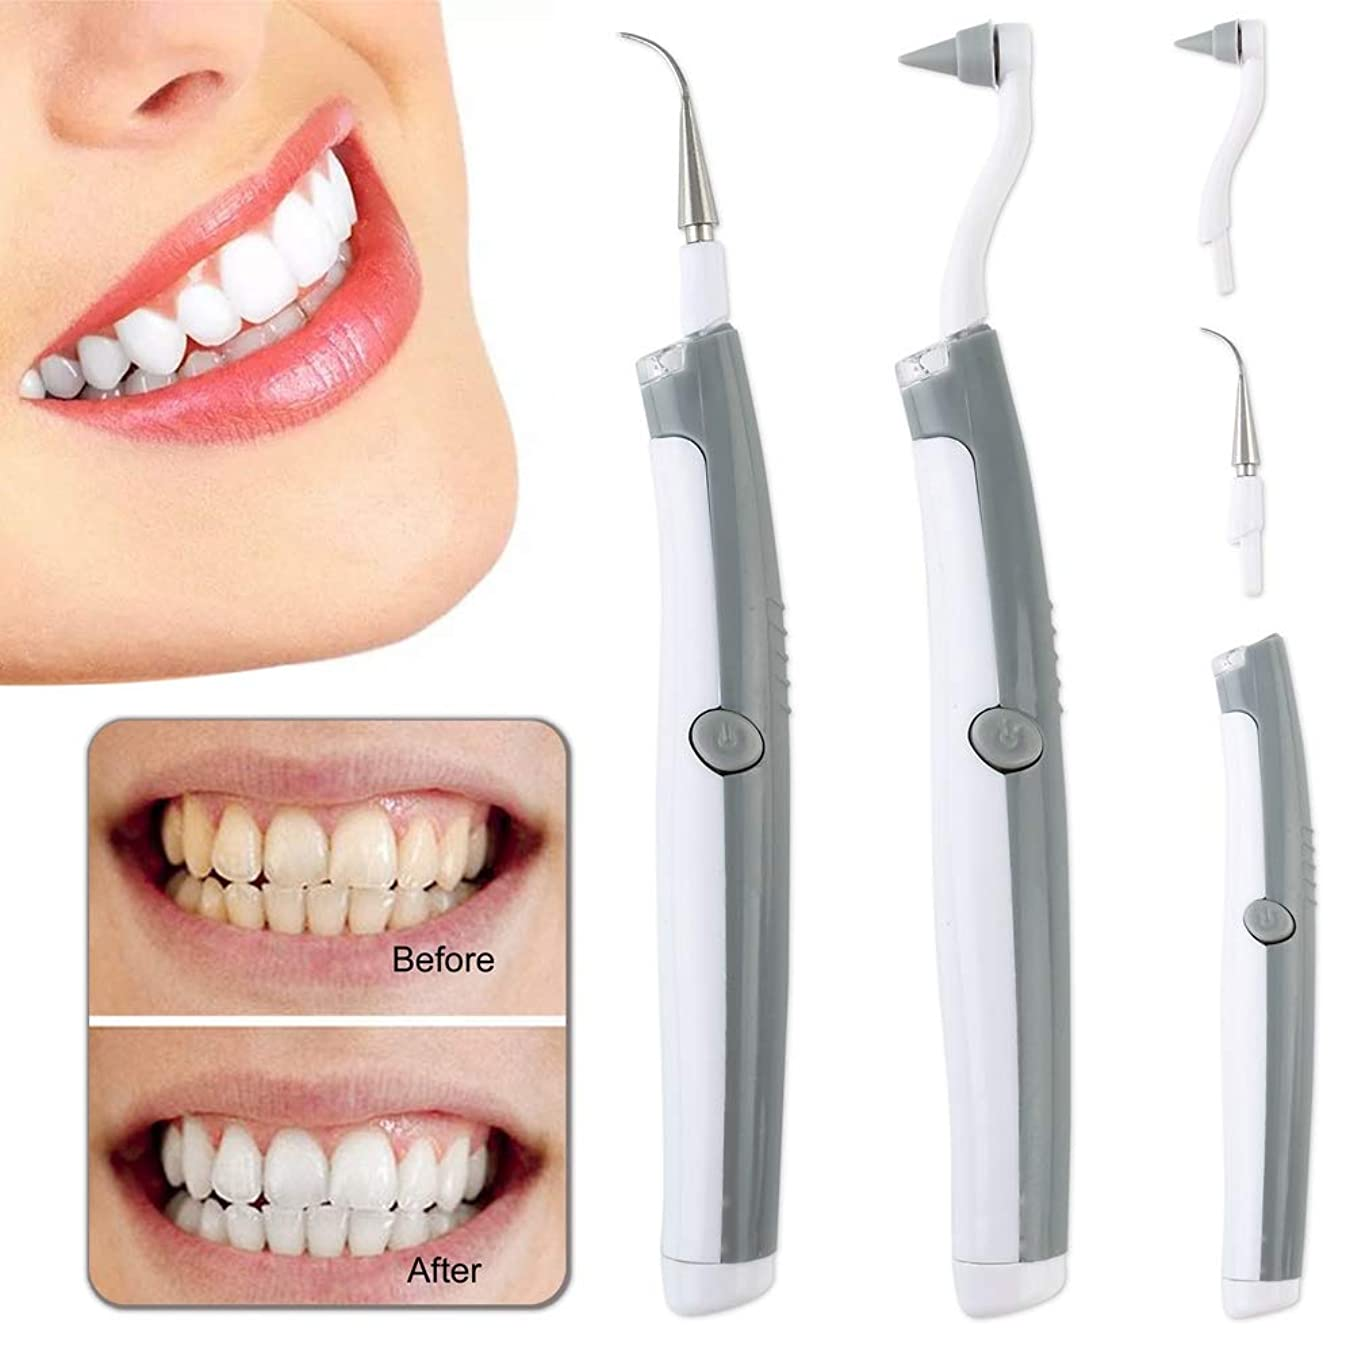 空港お願いしますハーネスSix-Bullotime 歯用ツール 電動 歯清潔 歯の消しゴム 多機能の電動のLED歯科用ツールキットオーラルケア 歯間クリーナー 歯磨き 歯石取り 口腔洗浄器 口臭防止